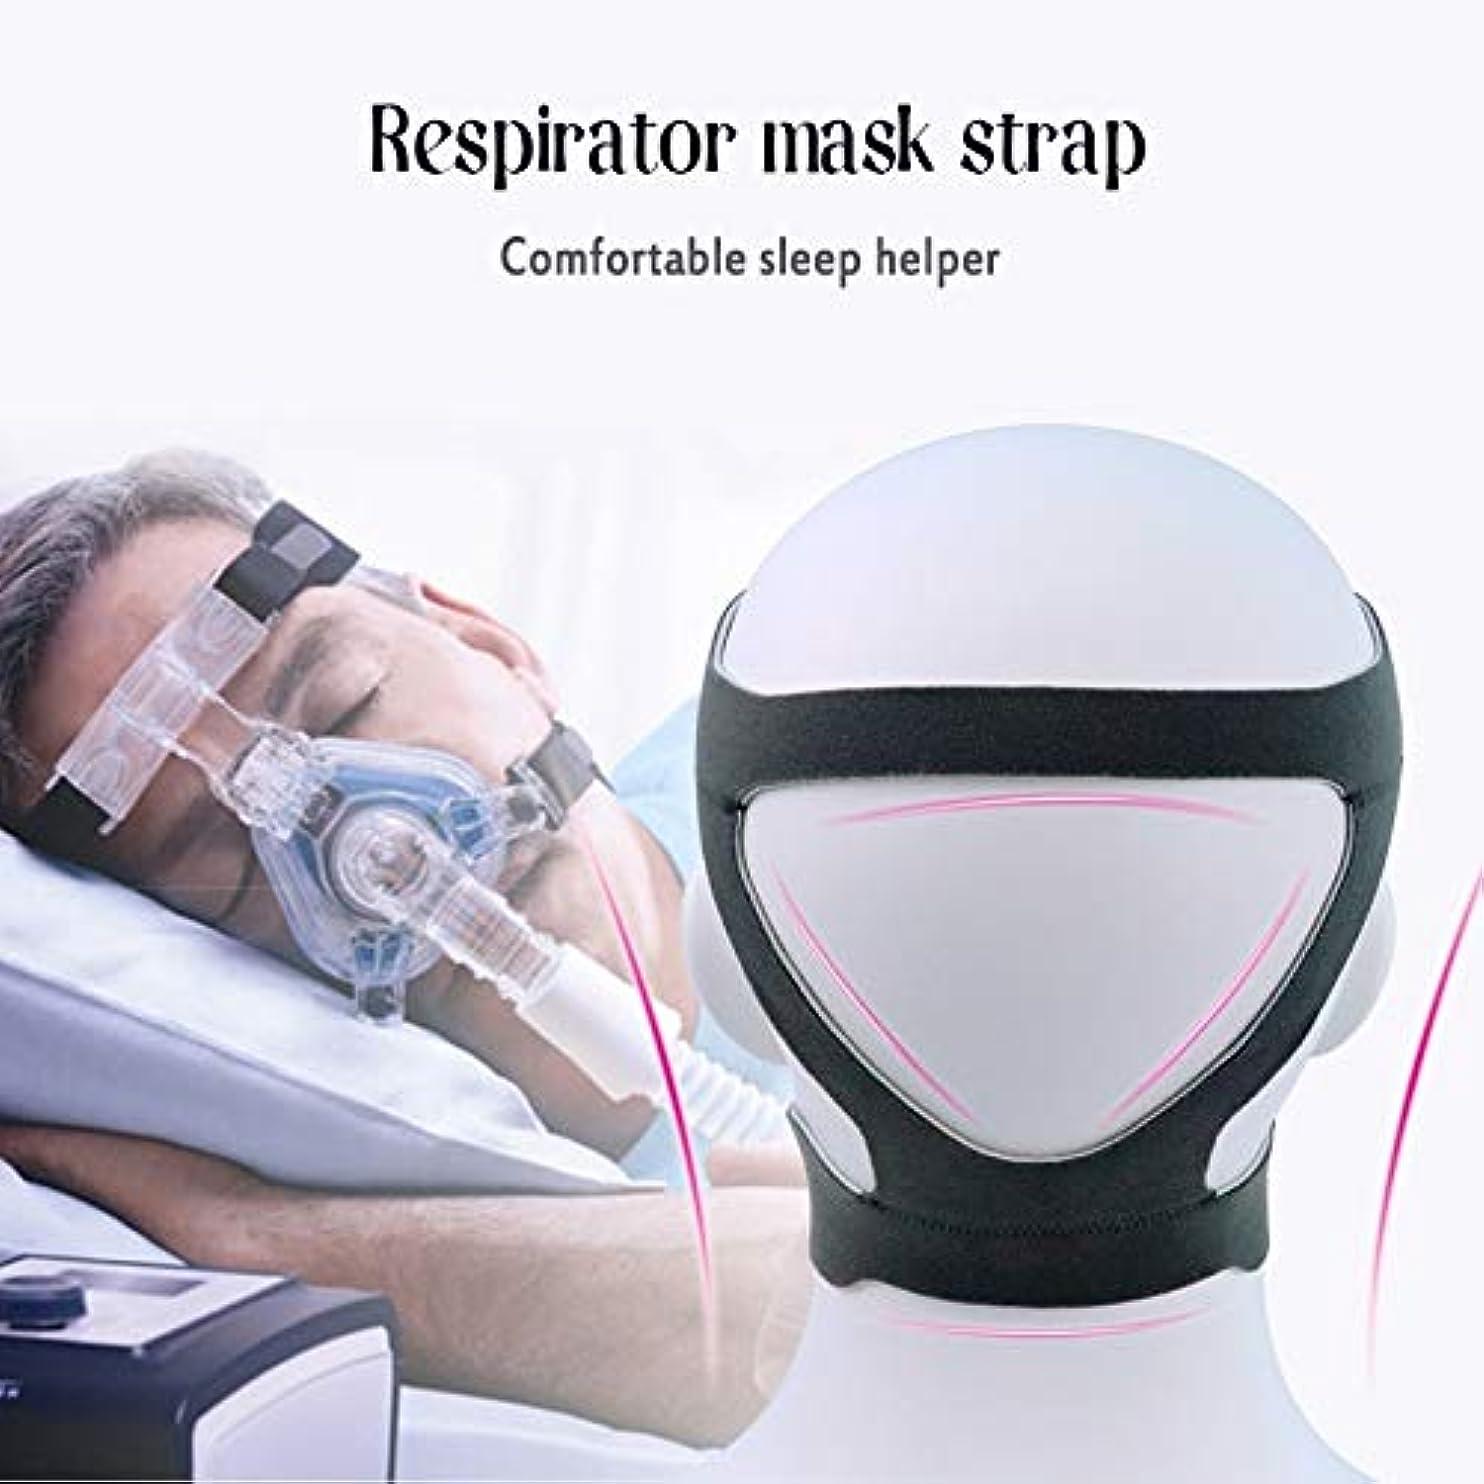 すばらしいです代わりのバーストNOTE ユニバーサルヘッドギアCPAPマスクヘッドバンドベンチレータCPAP鼻マスク/フルフェイスマスク弾性繊維ヘッドストラップエイド睡眠包帯